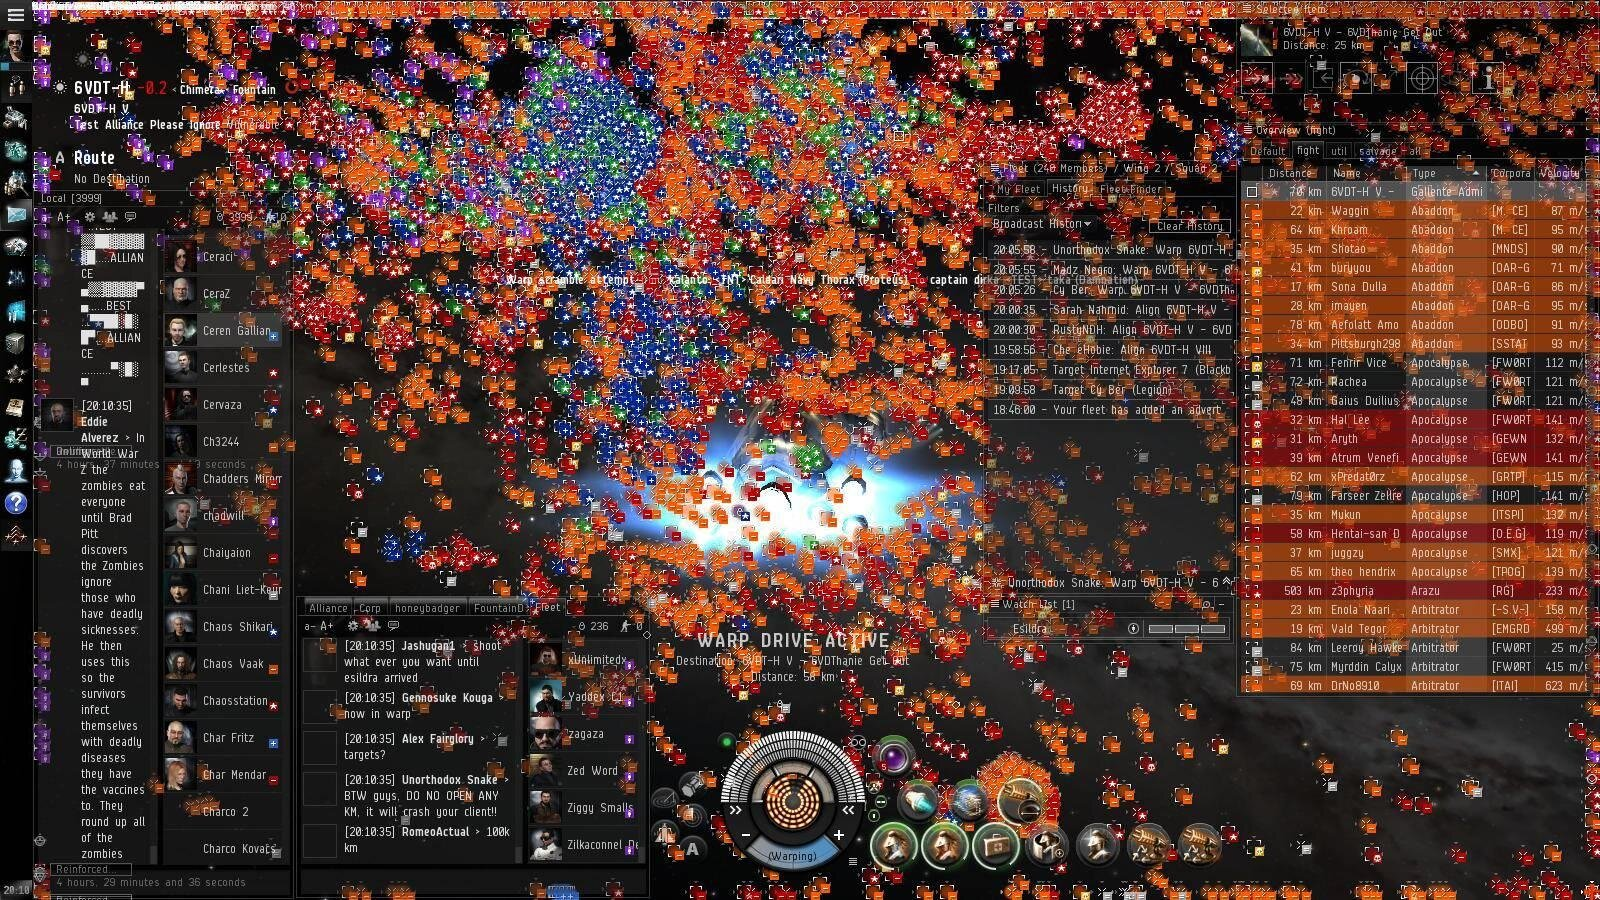 Exceptionnel EVE Online : 3 000 pilotes et 225 000 € de dégâts pour la bataille  SV92